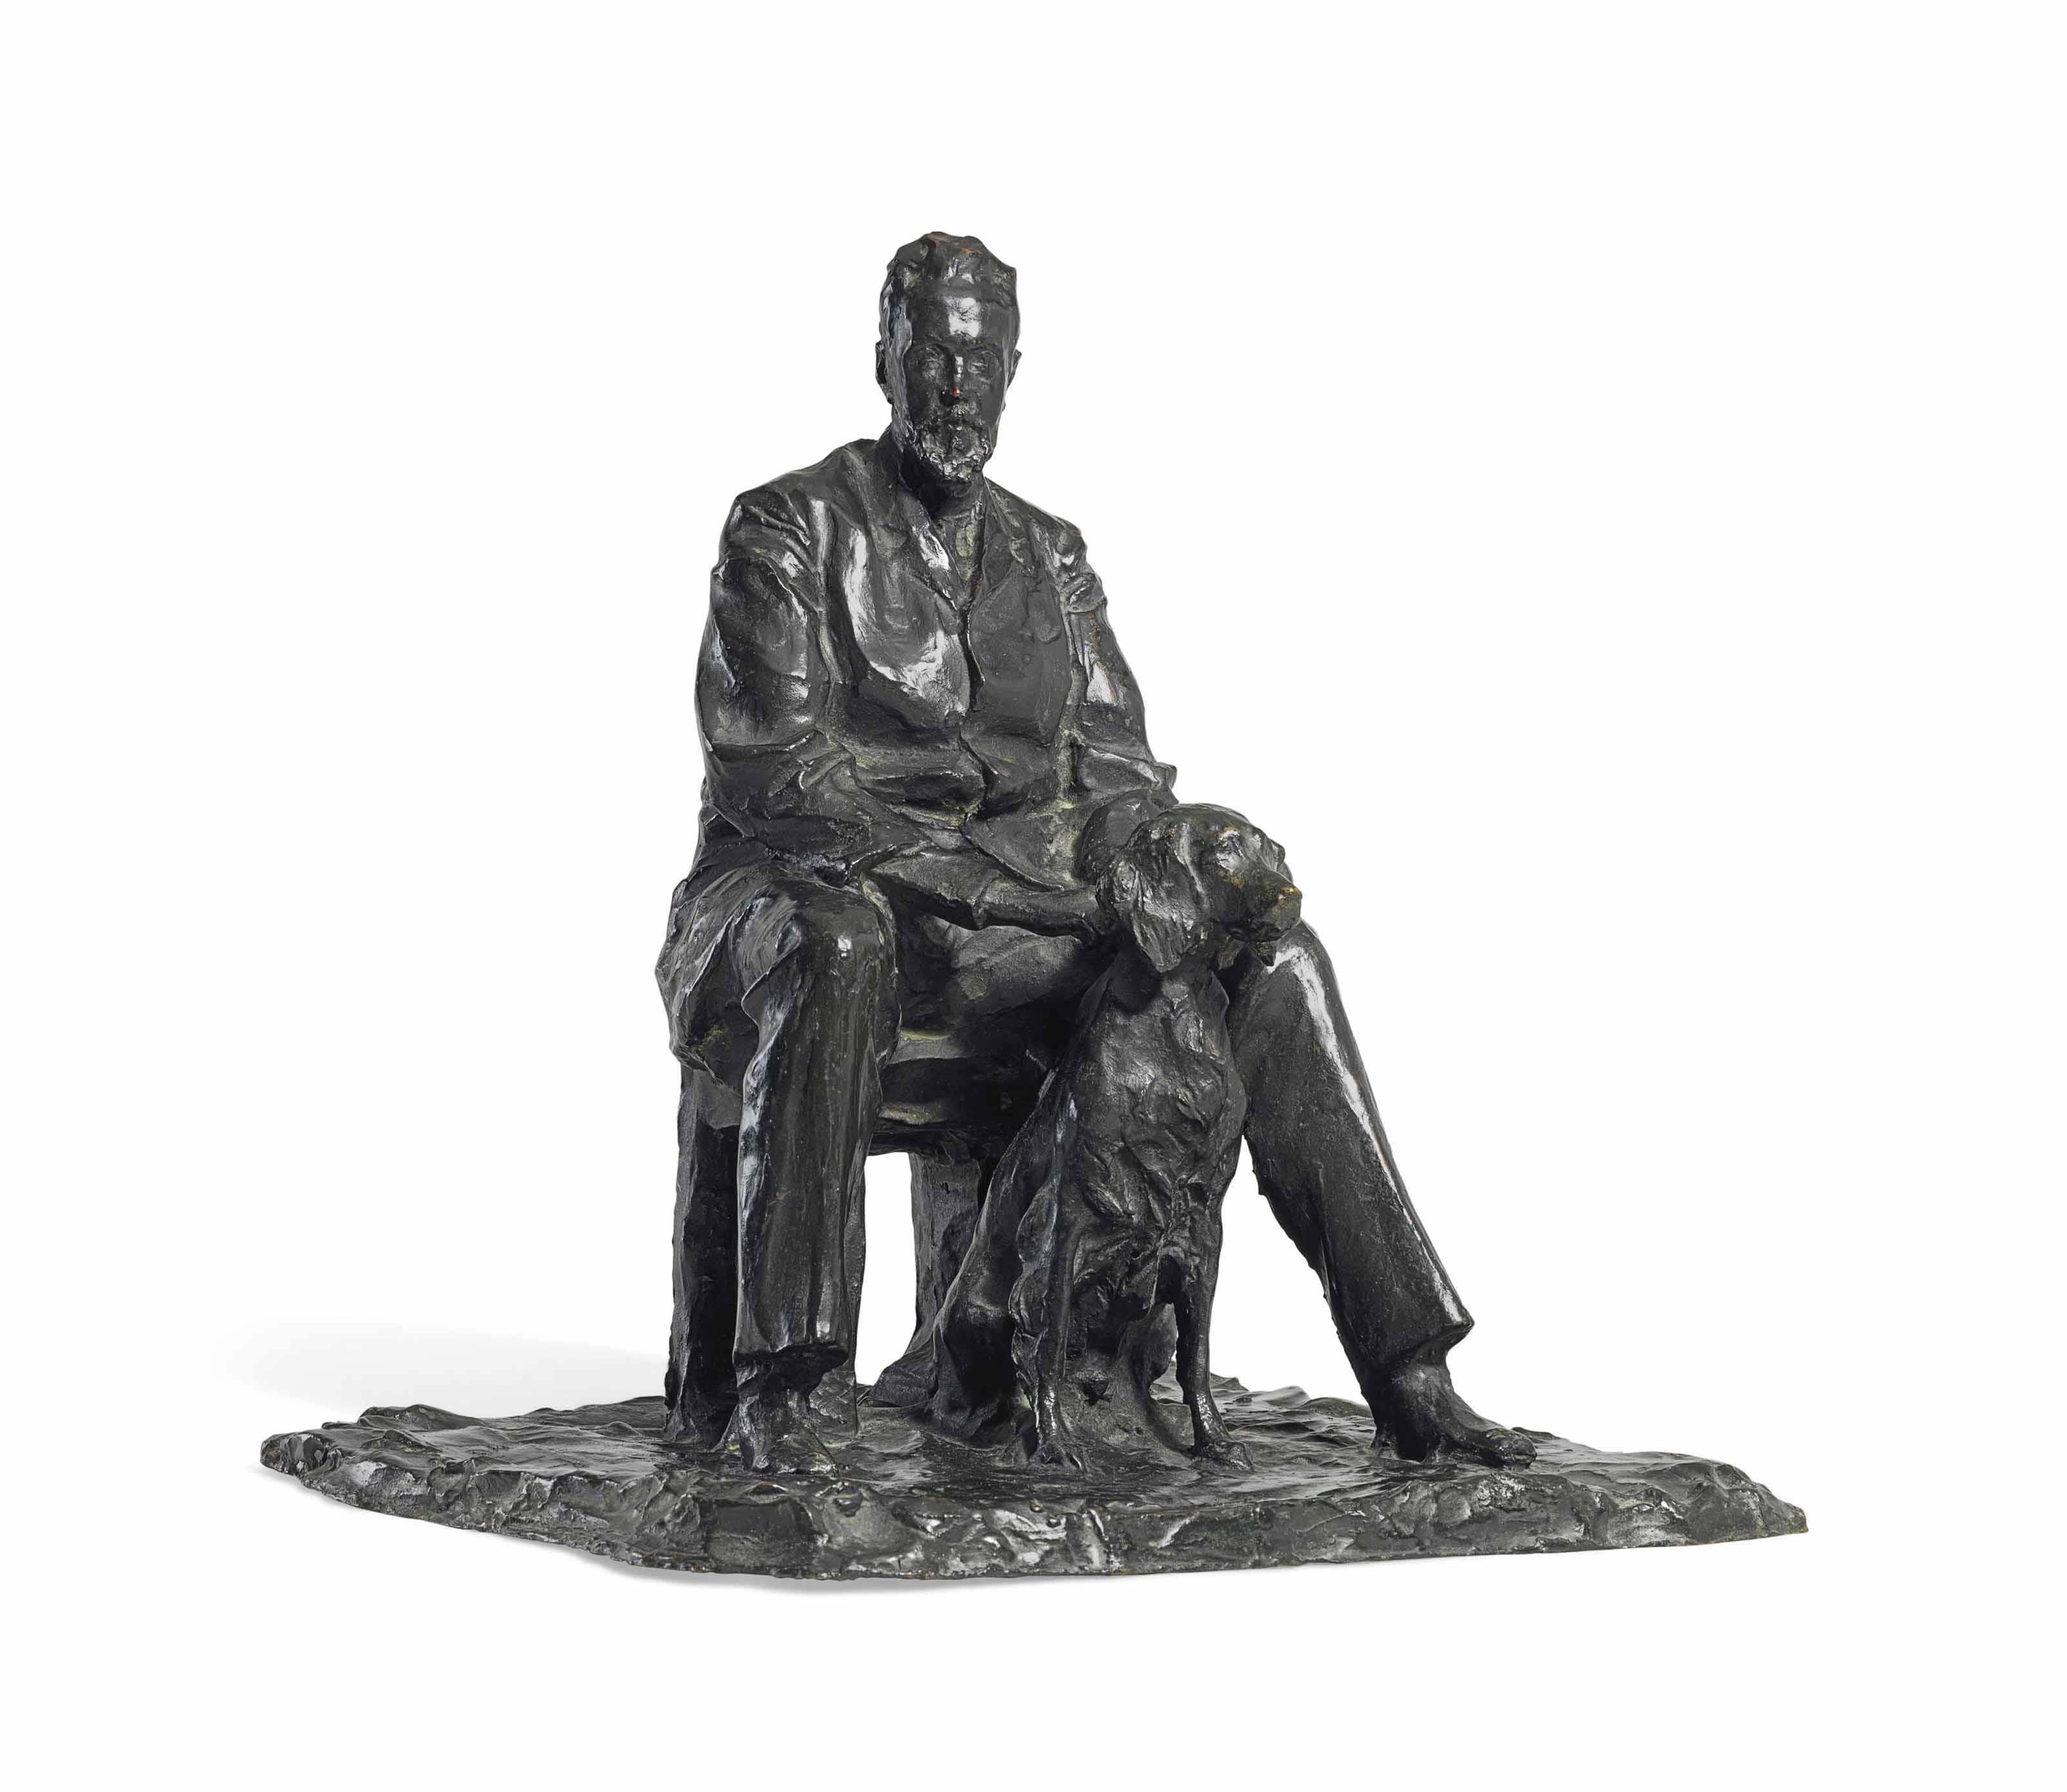 Prince Paul Troubetzkoy (1866-